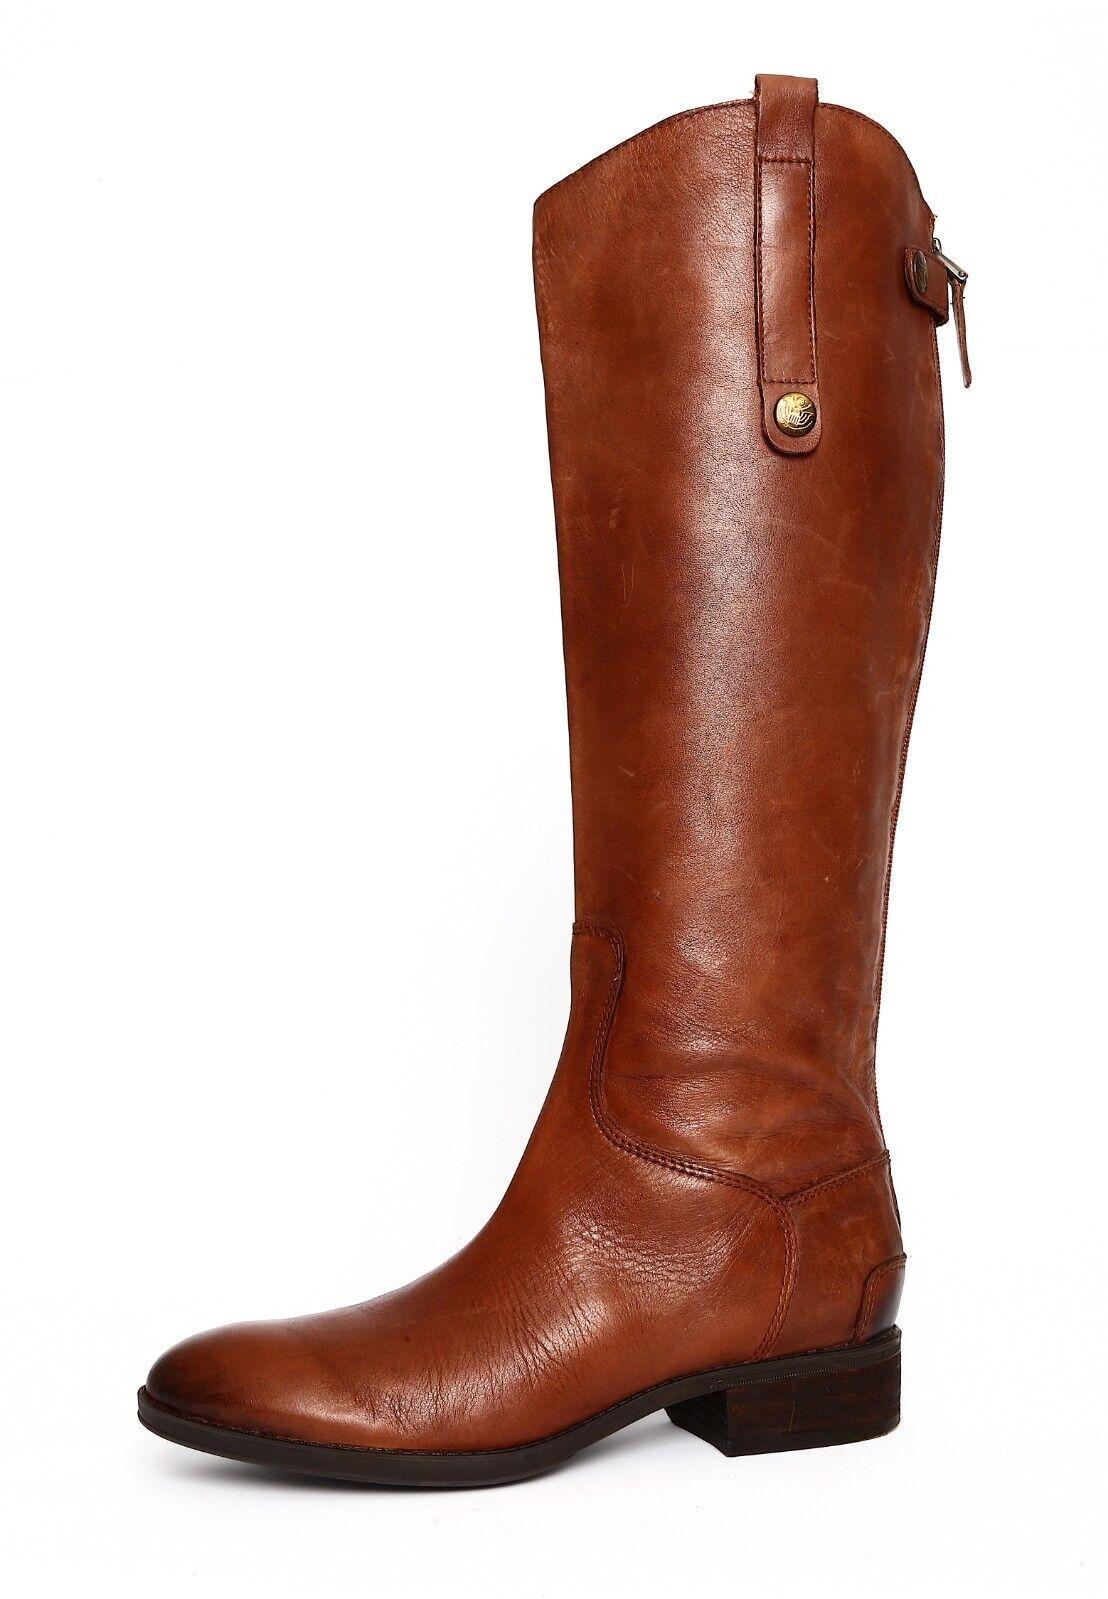 Sam Edelman Penny bota marrón marrón marrón para mujer talla 7 3305   bienvenido a elegir